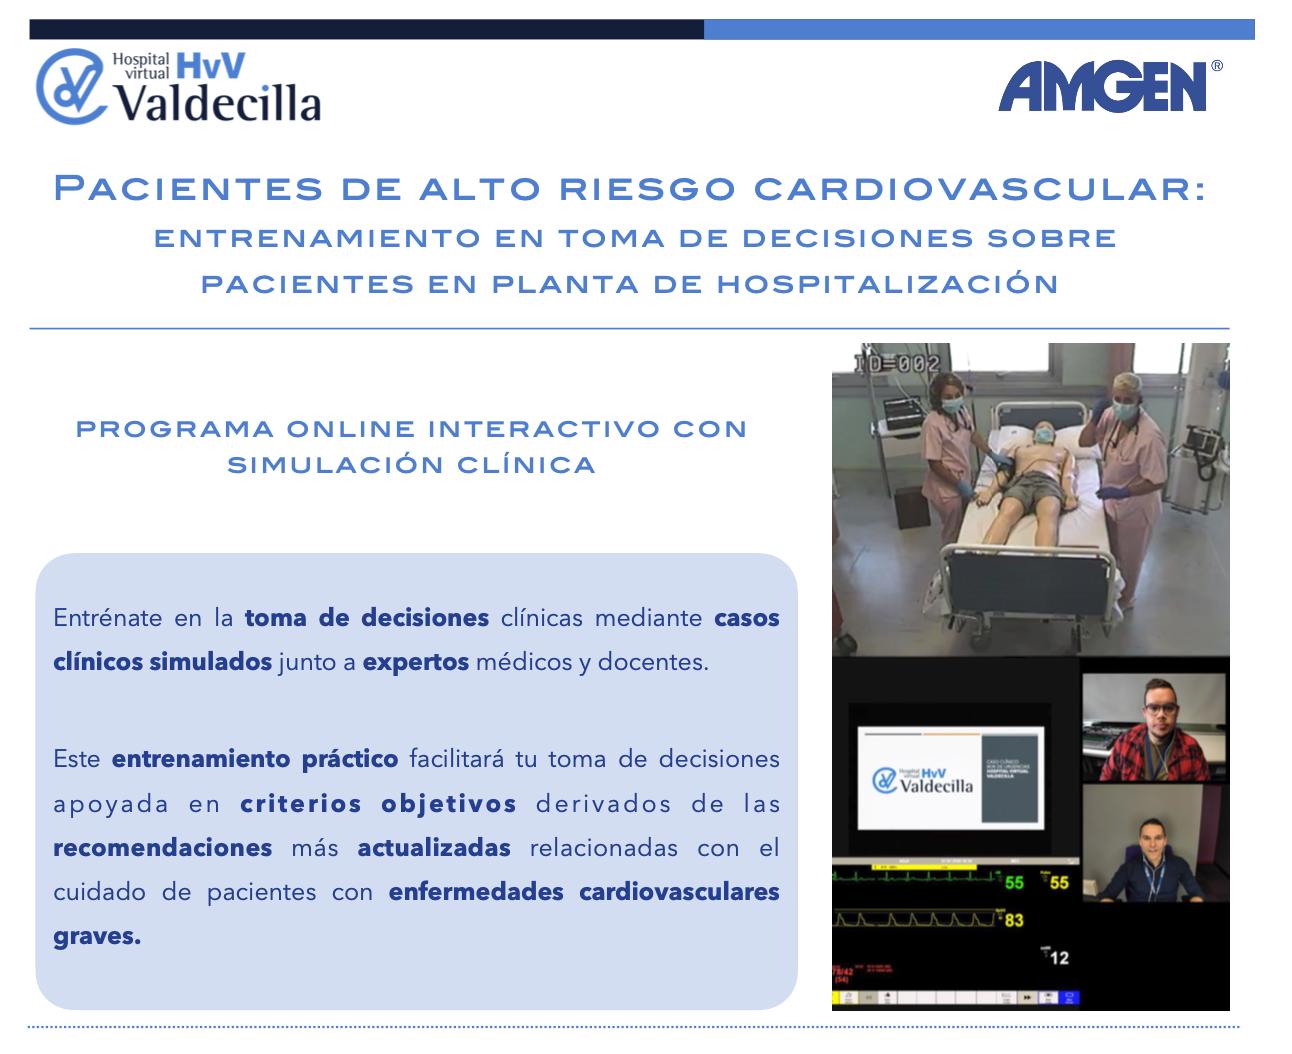 Entrenamiento en la toma de decisiones sobre pacientes de alto/muy alto riesgo cardiovascular en planta de hospitalización